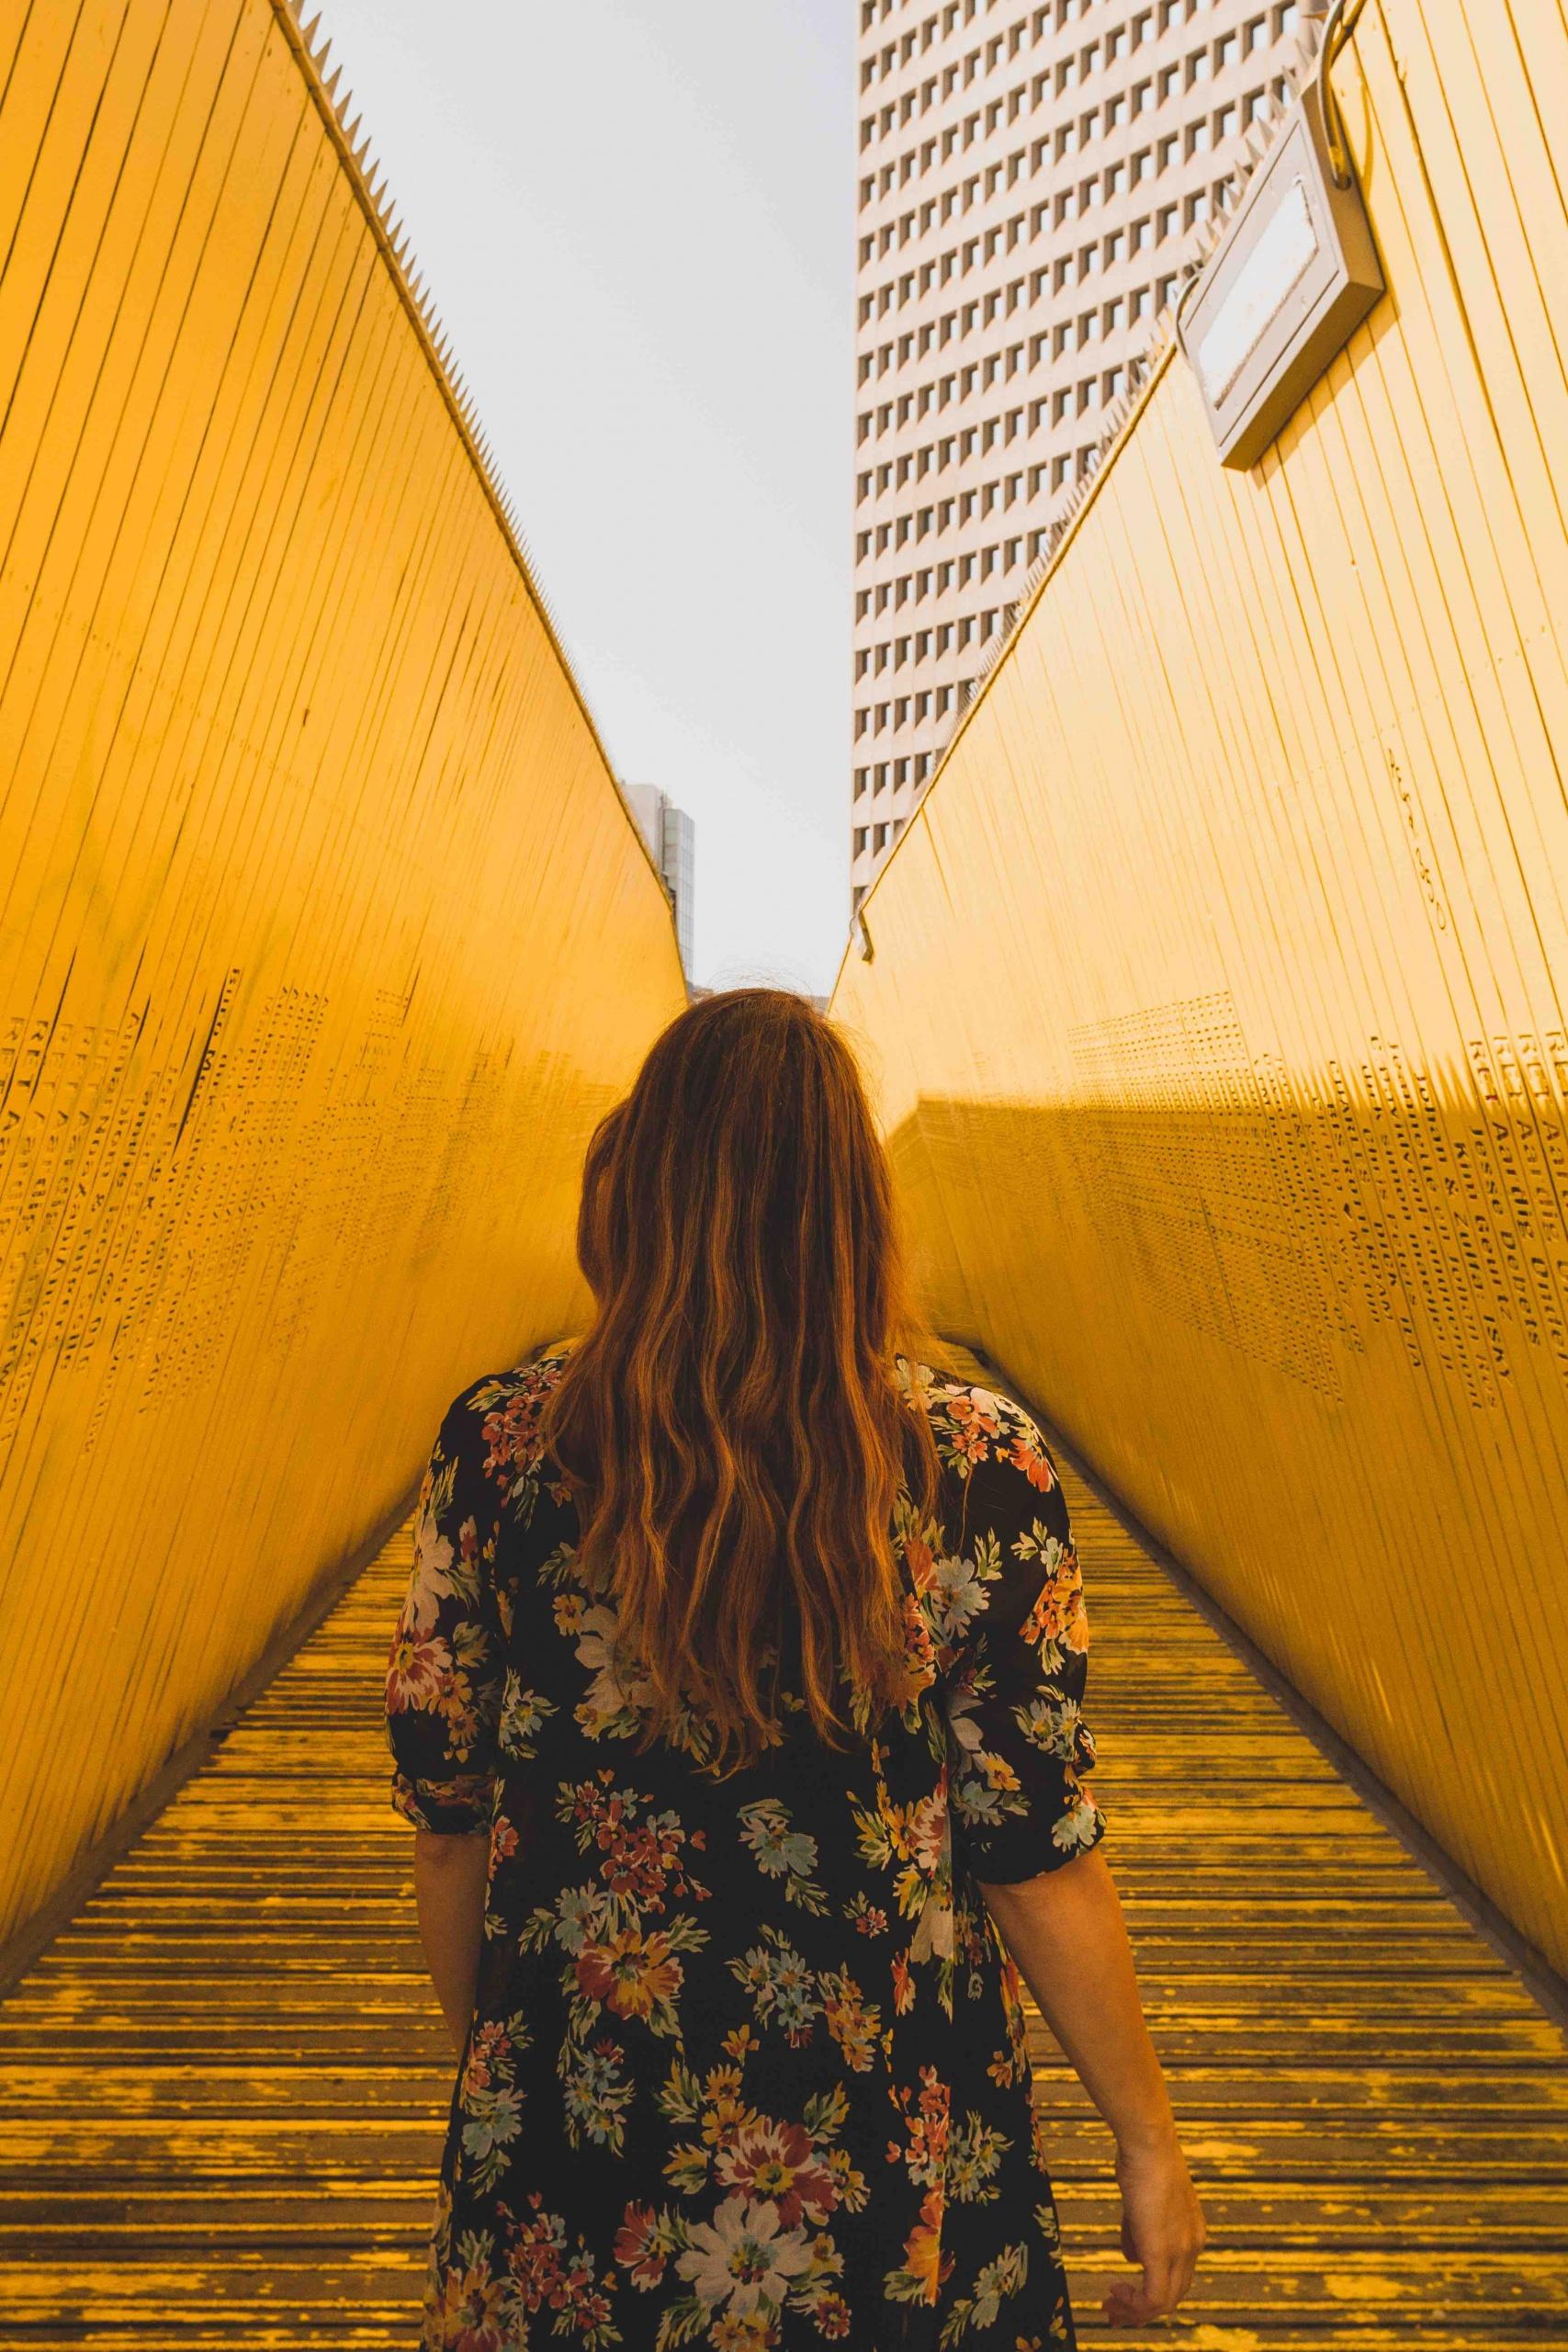 itinerario architettonico di Rotterdam: visita al passaggio pedonale giallo